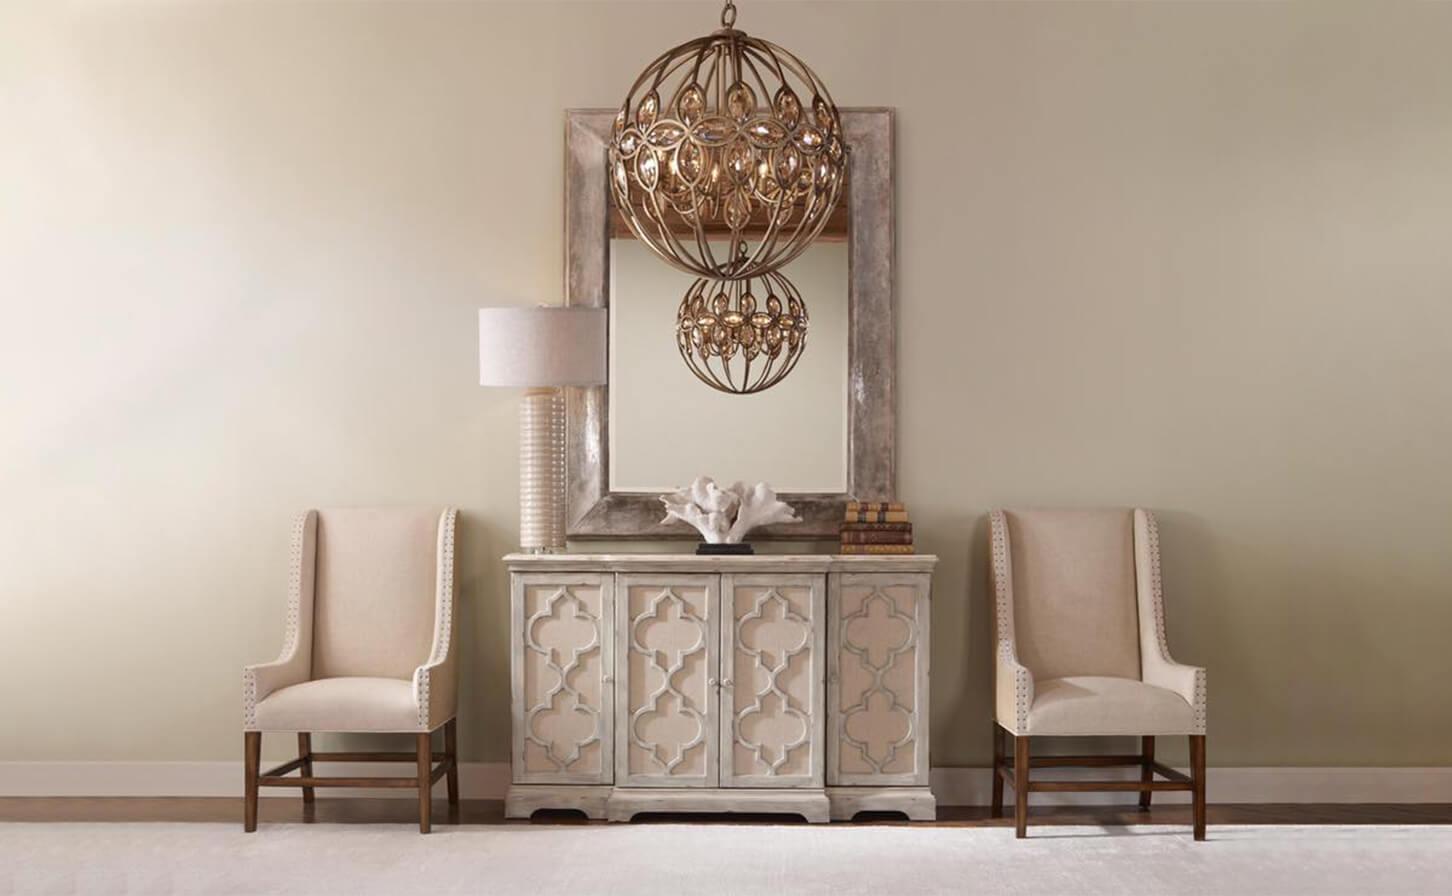 英麗家具Craftmaster Furniture鄉村風格裝潢